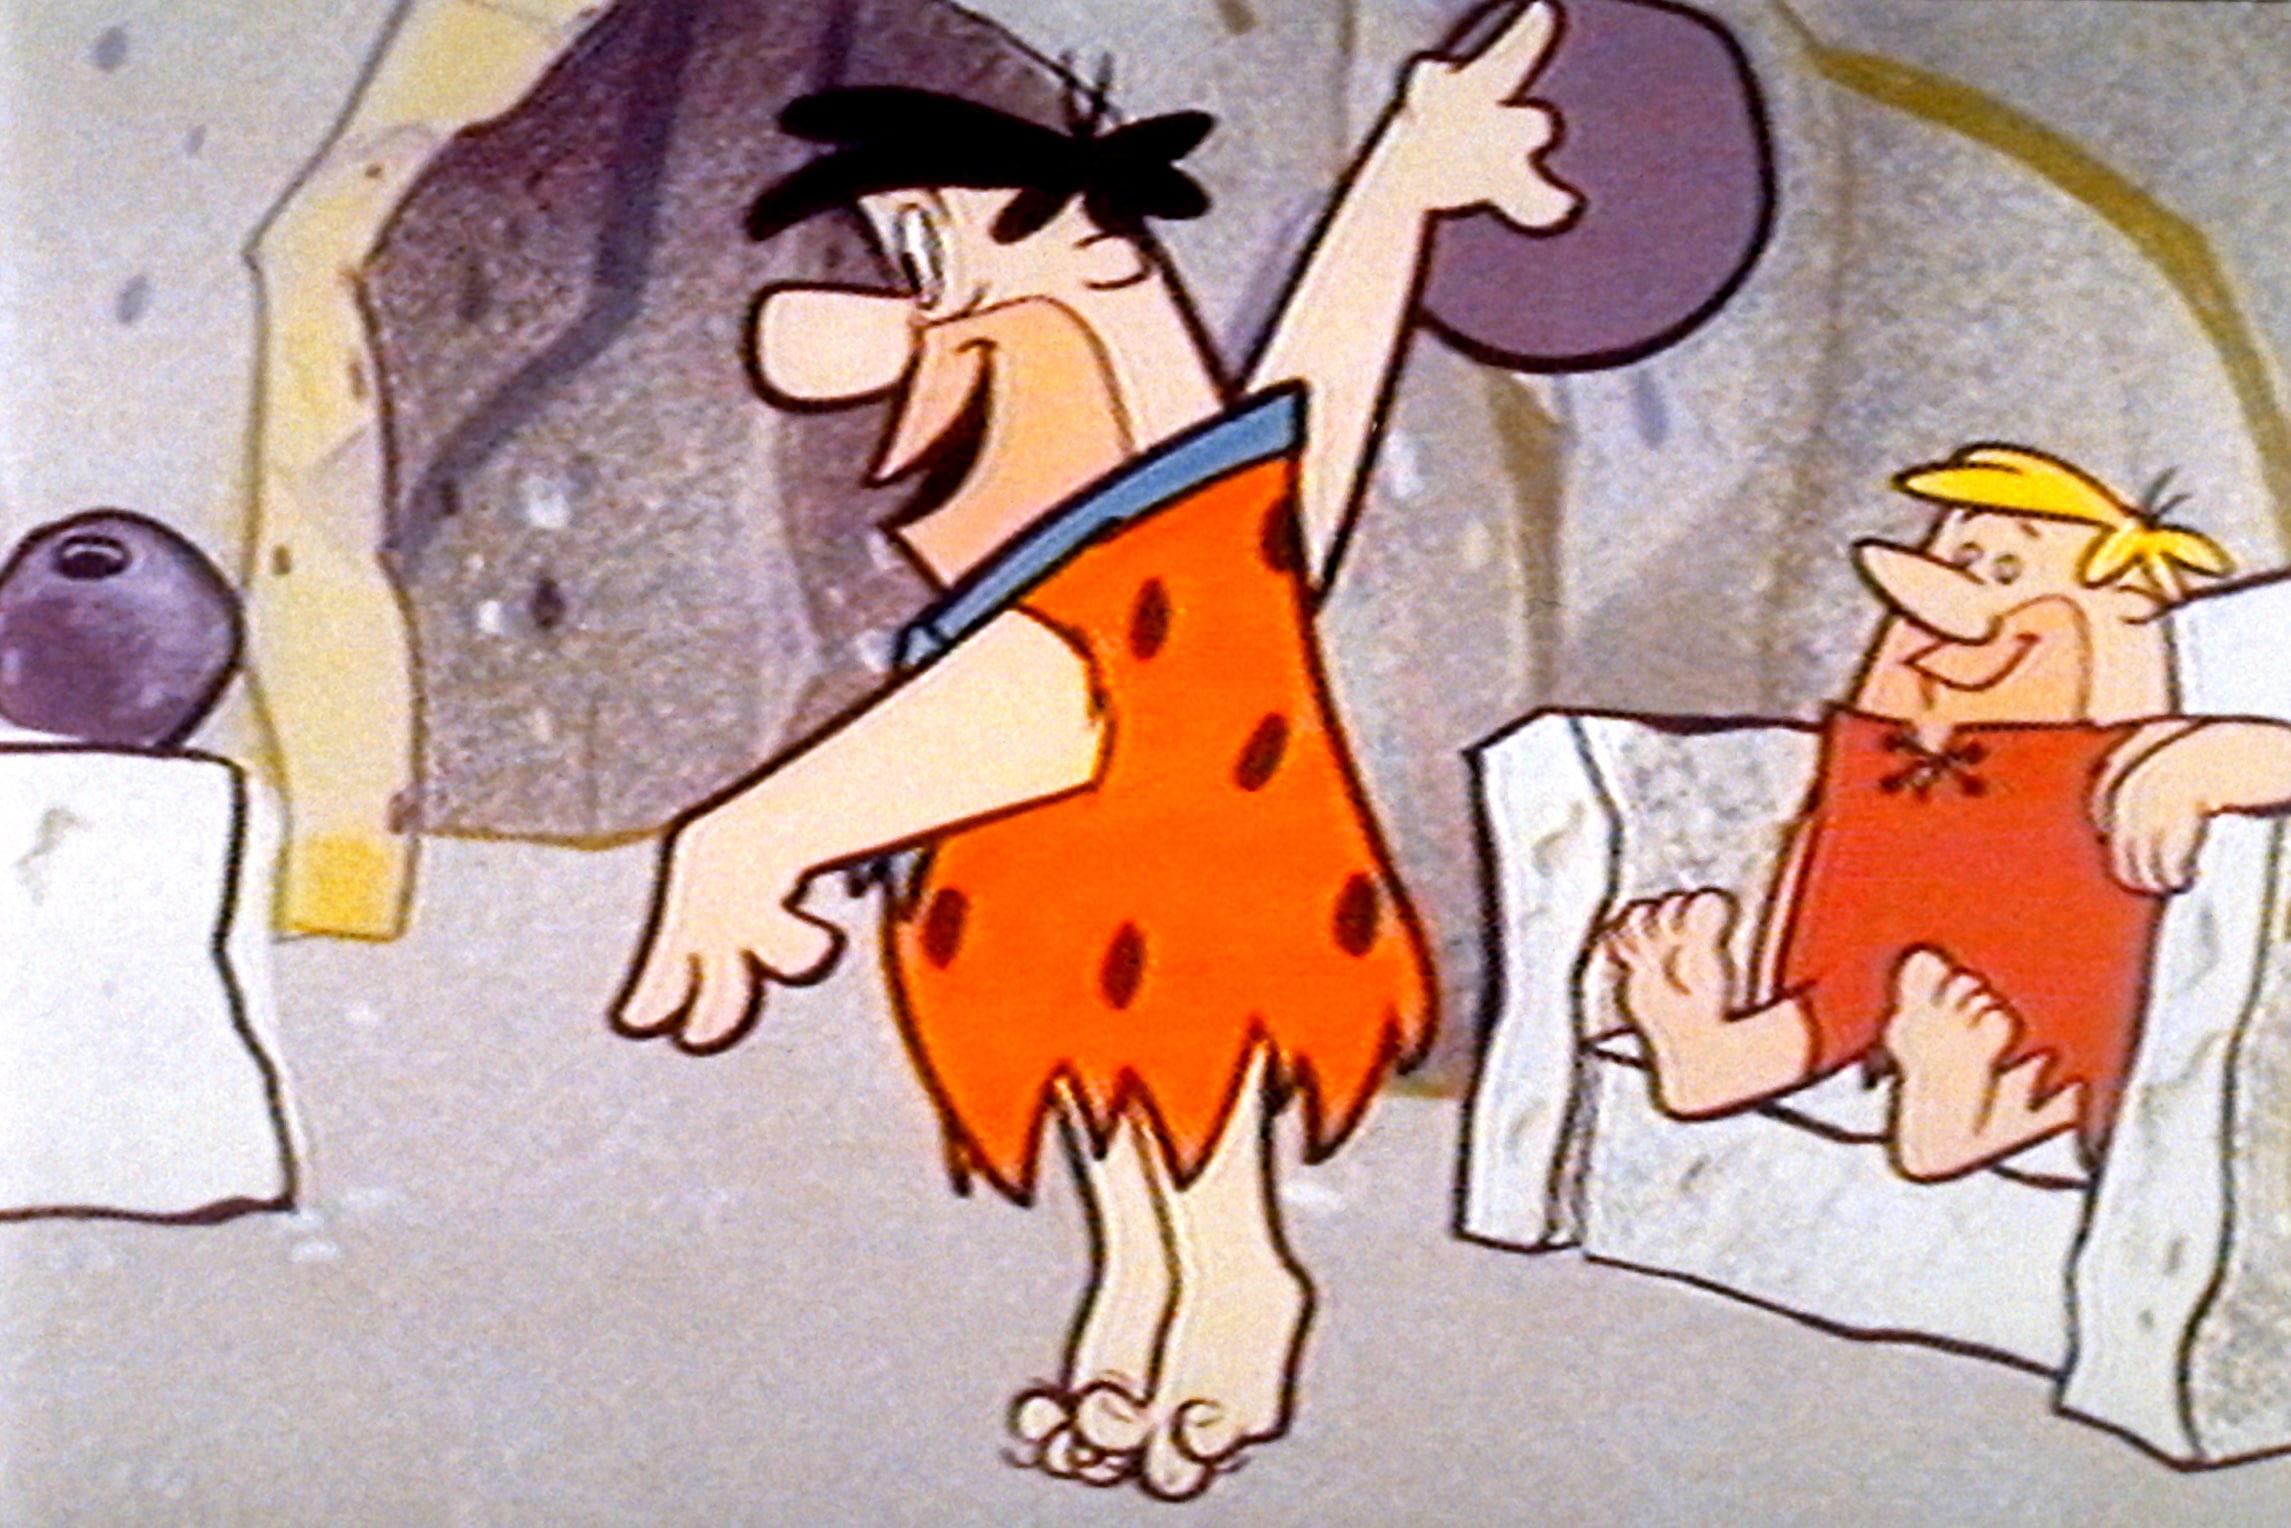 THE FLINTSTONES, Fred Flintstone, Barney Rubble